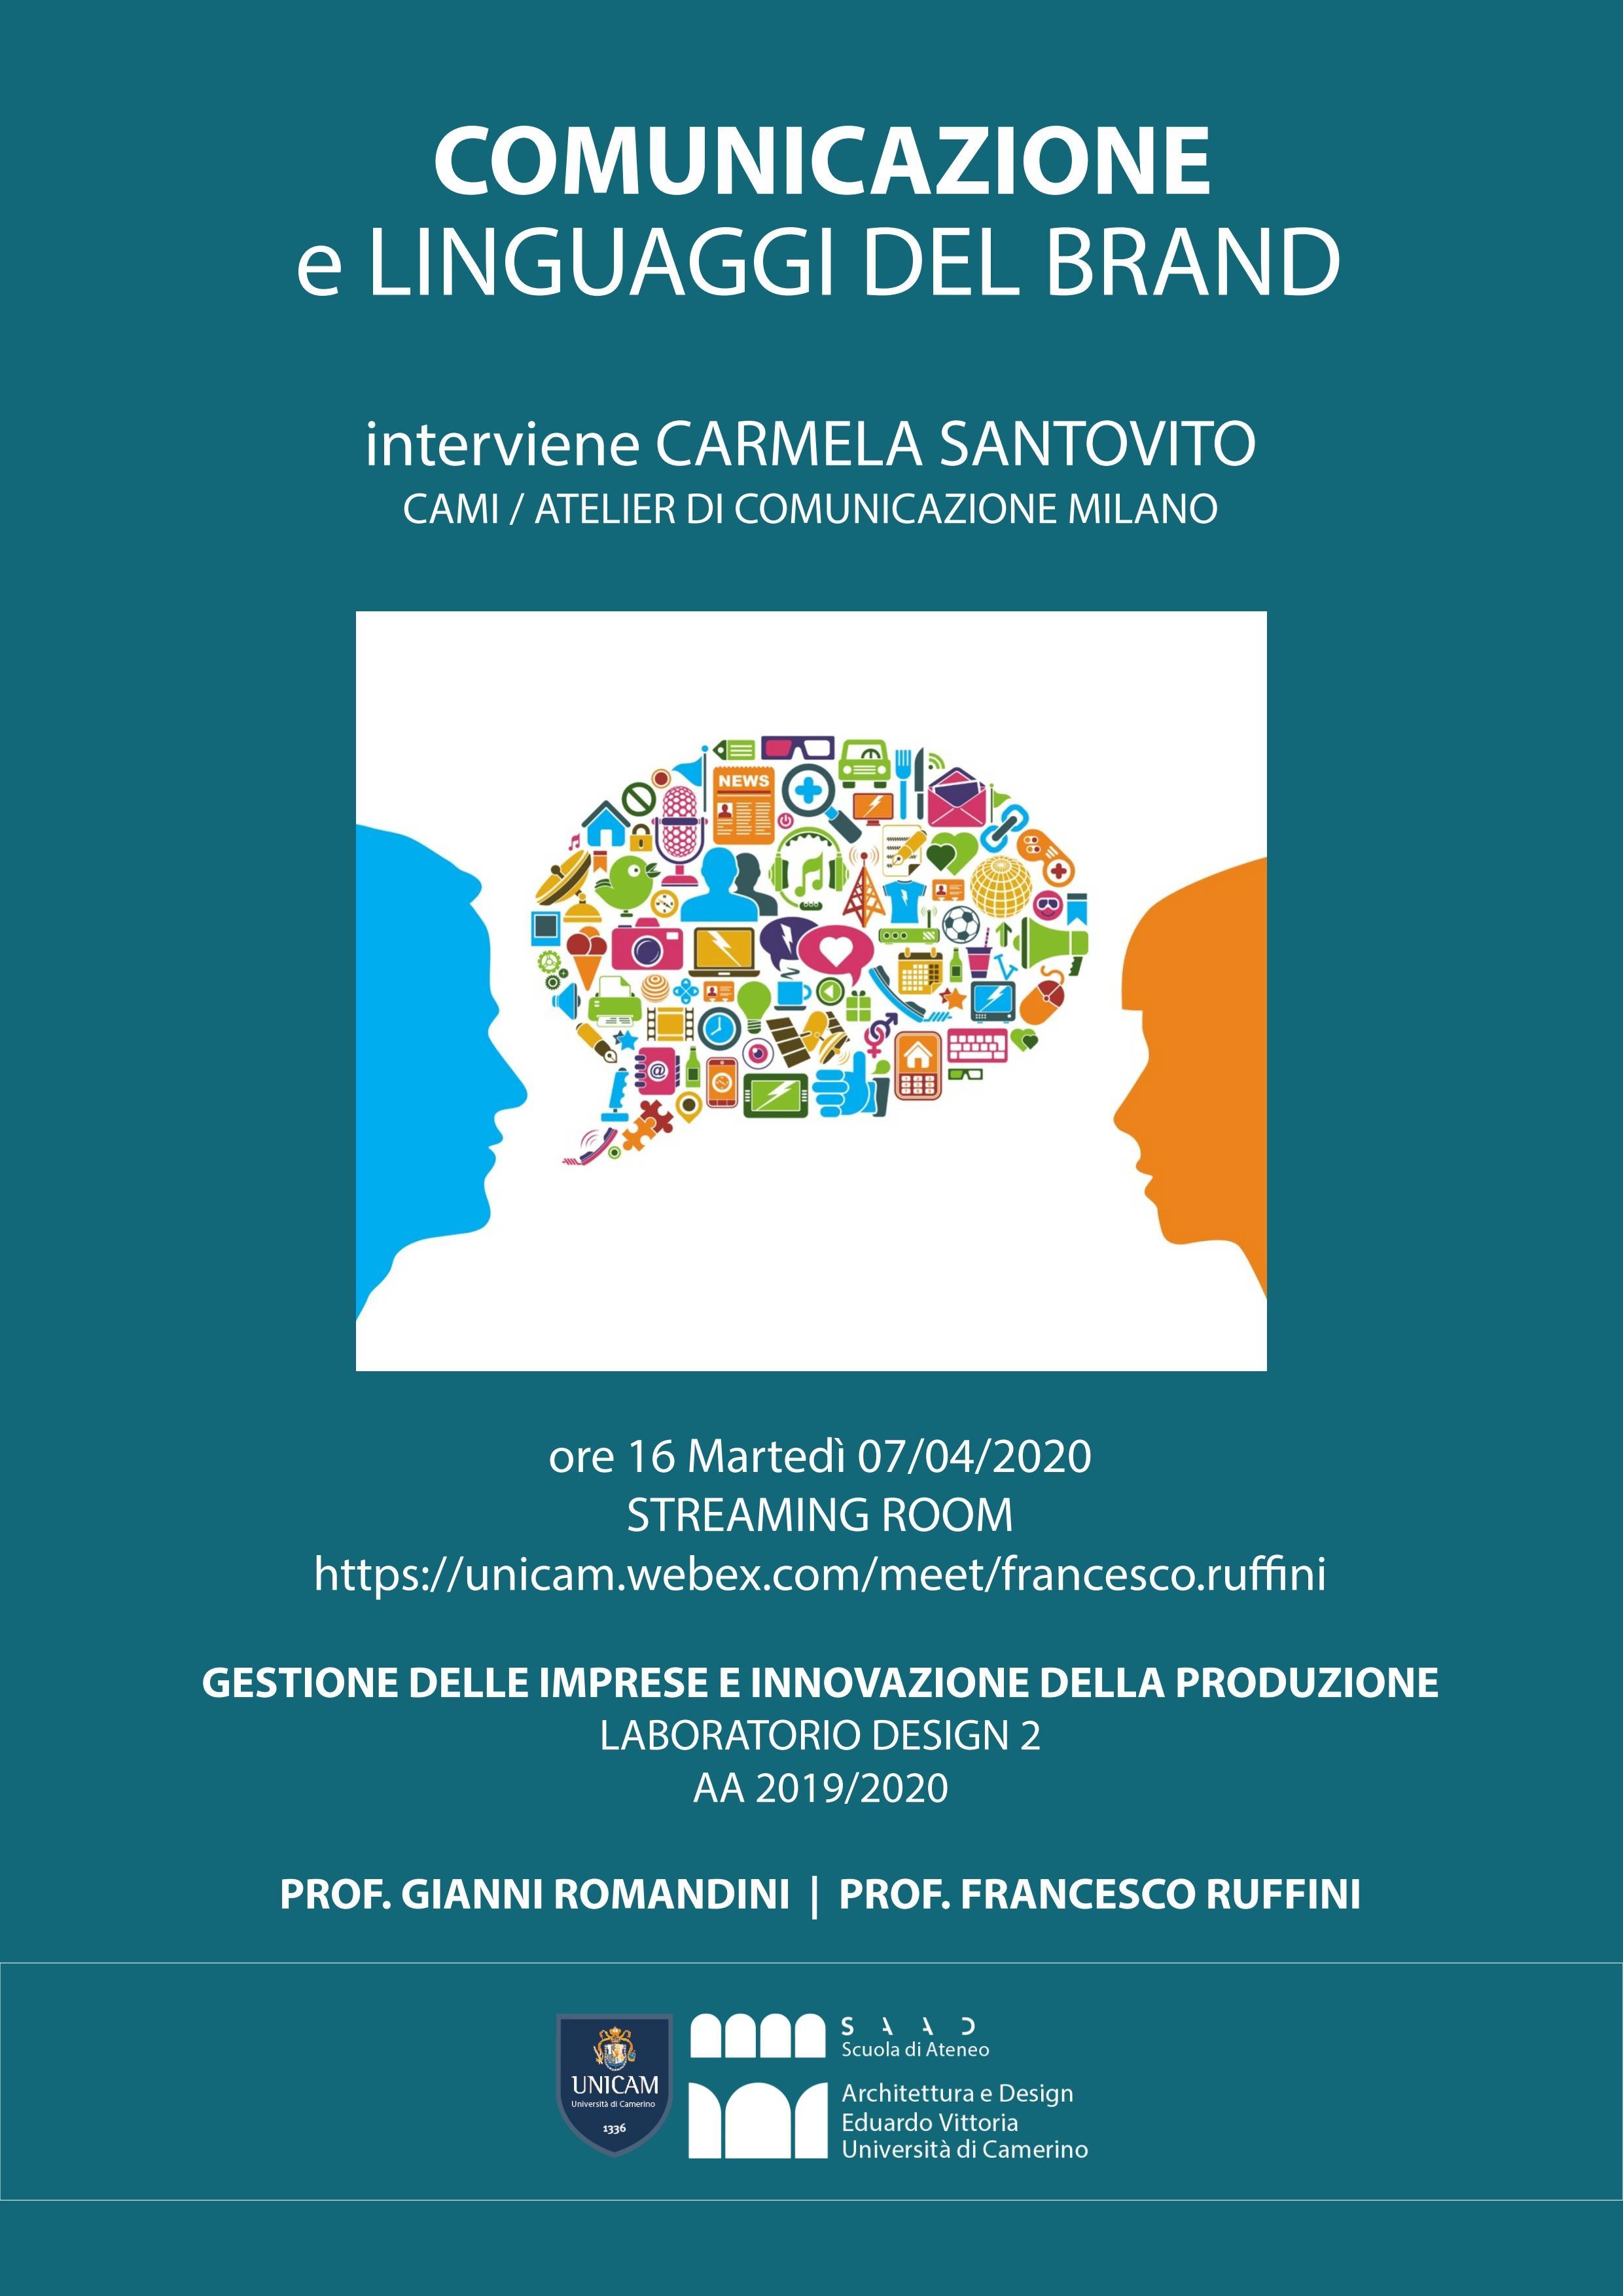 Locandina comunicazione e branding